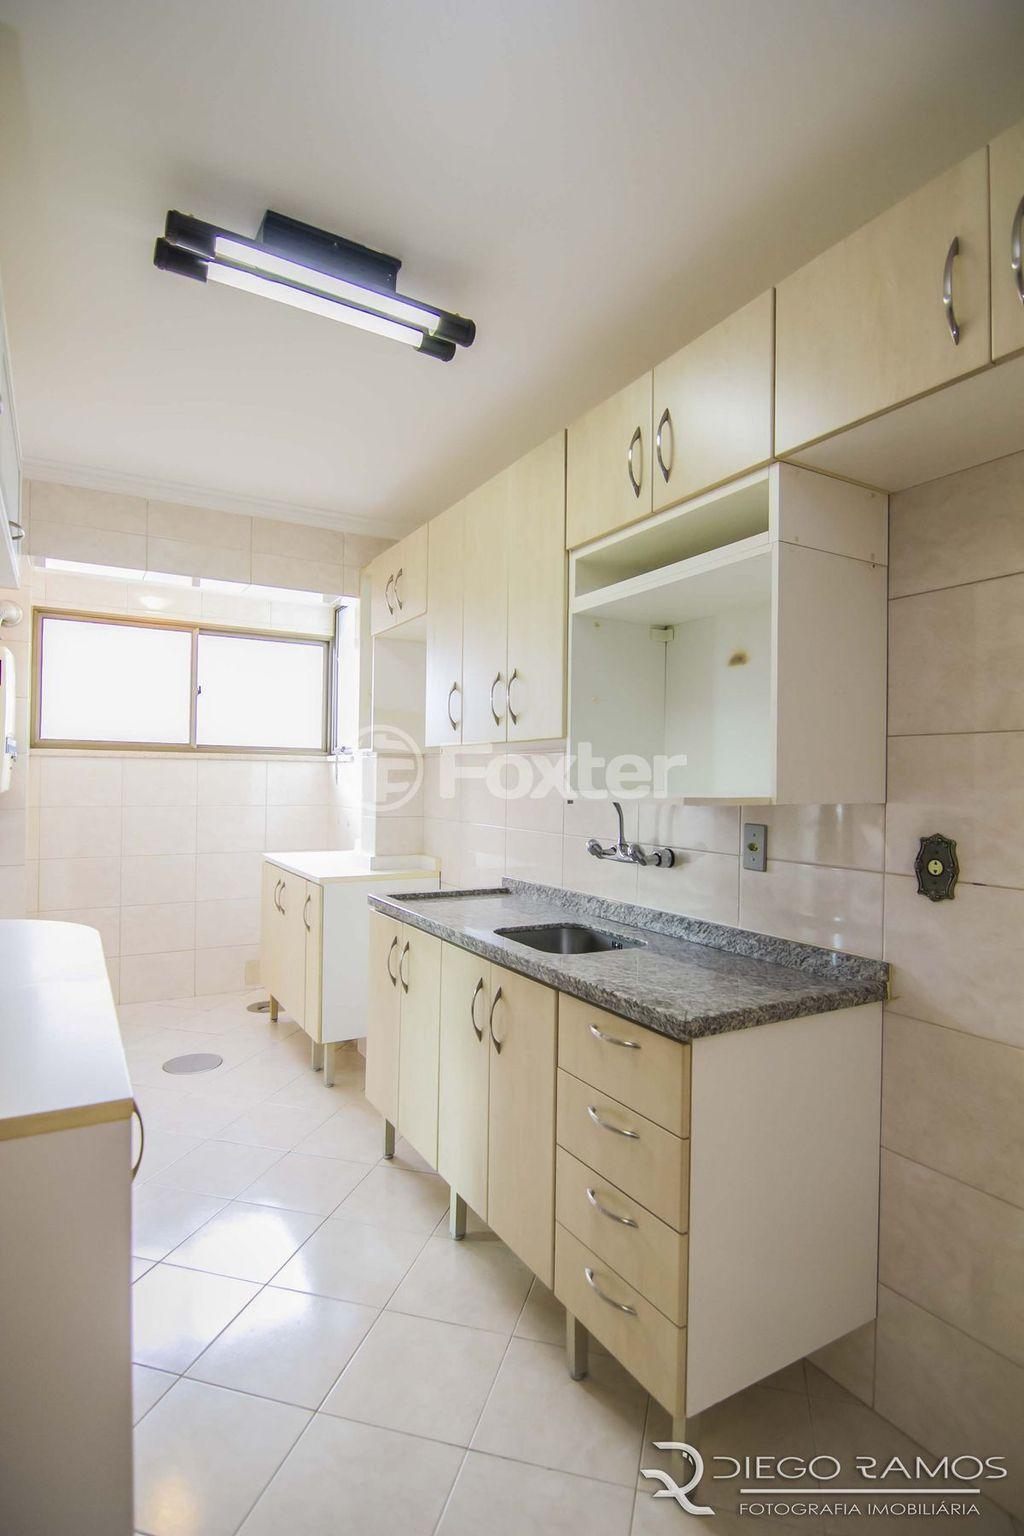 Foxter Imobiliária - Cobertura 1 Dorm (147353) - Foto 12